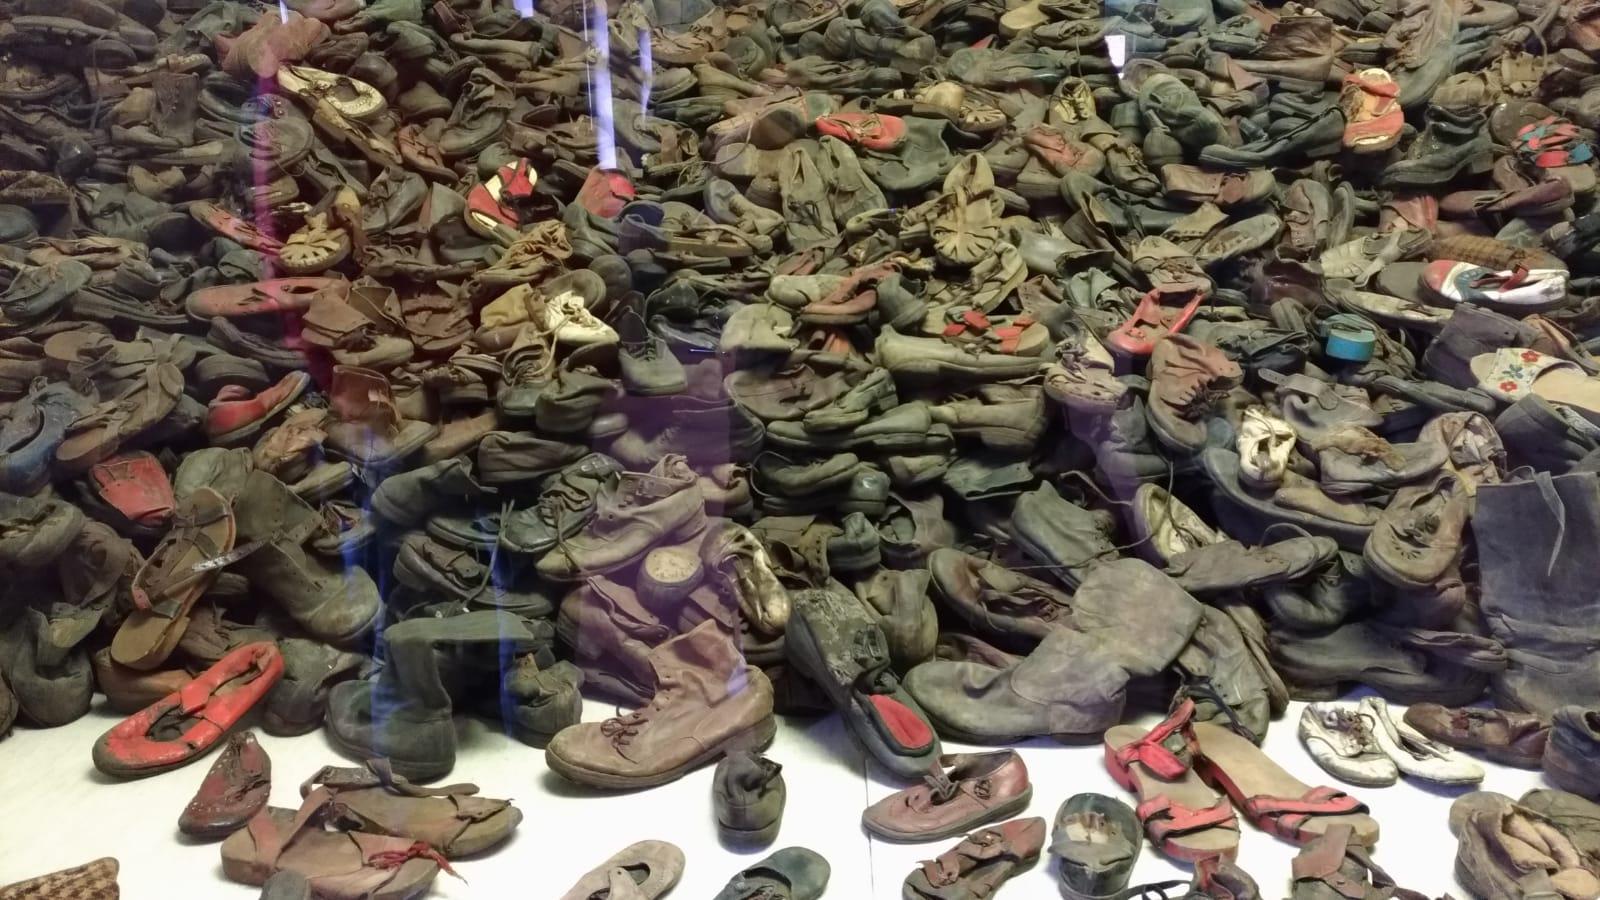 Le scarpe requisite alle persone di religione ebraica deportate nel campo di concentramento